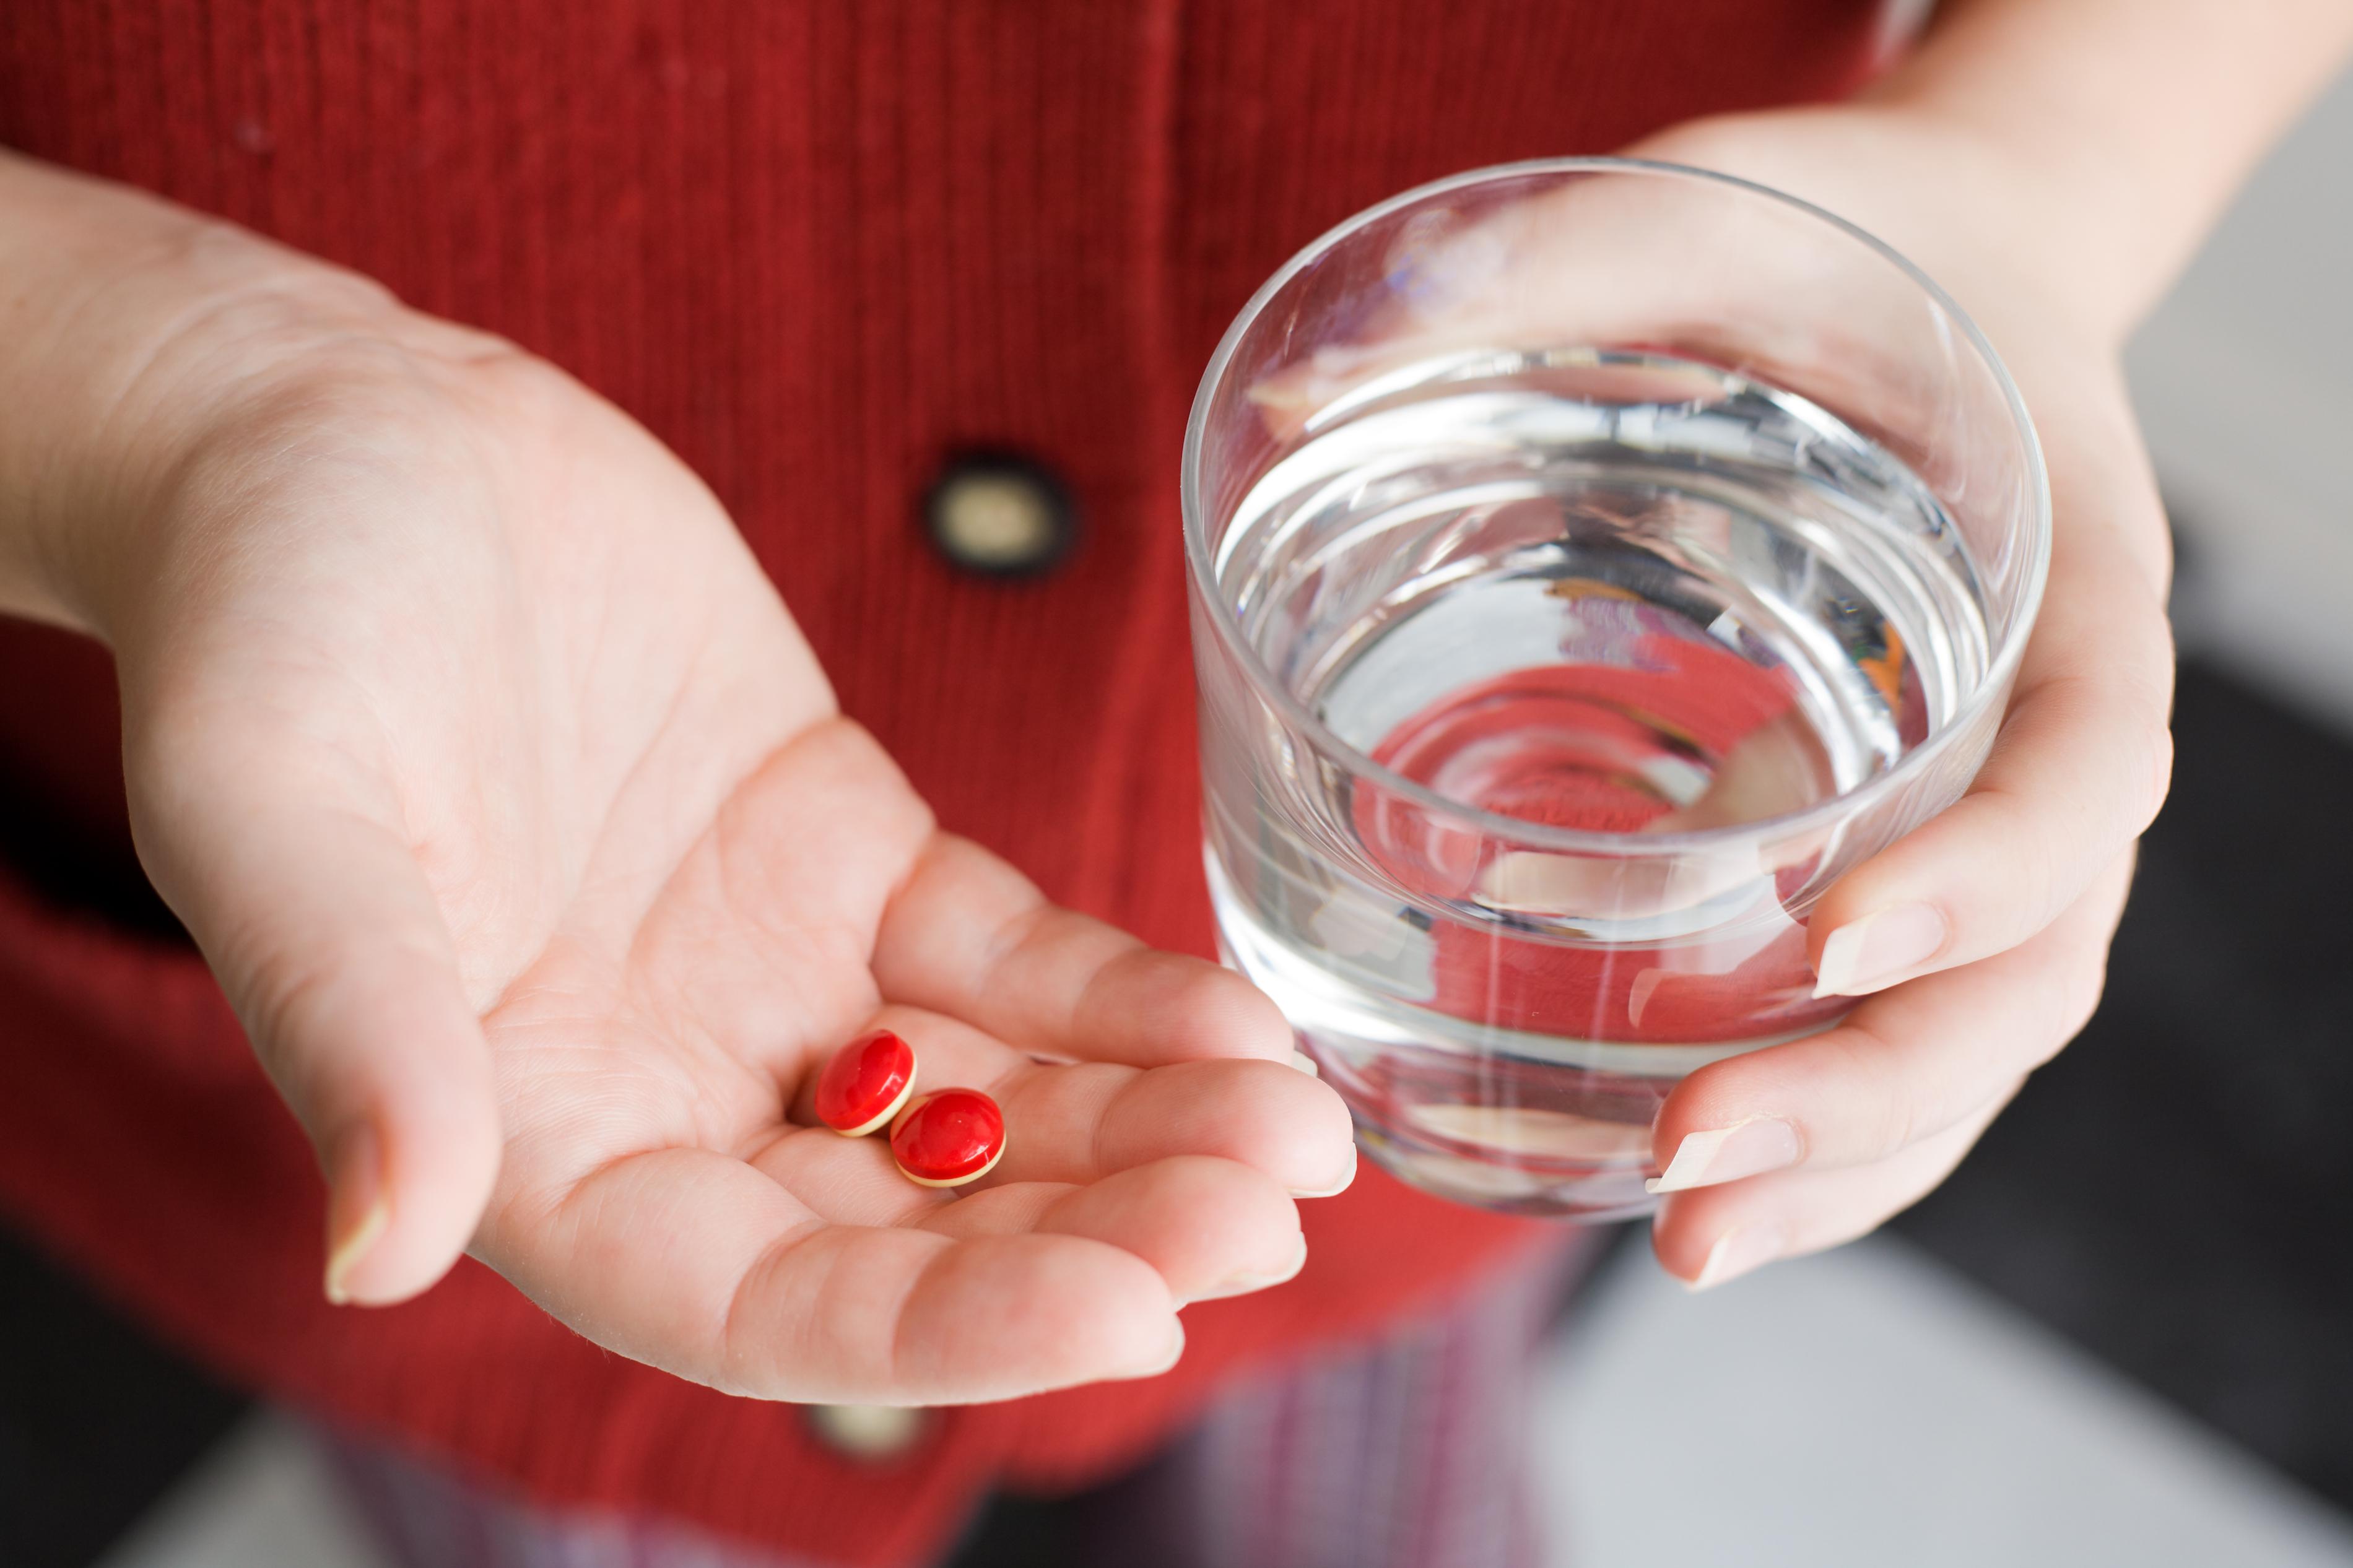 Läkarens information om läkemedel kan påverka effekten av medicinen.